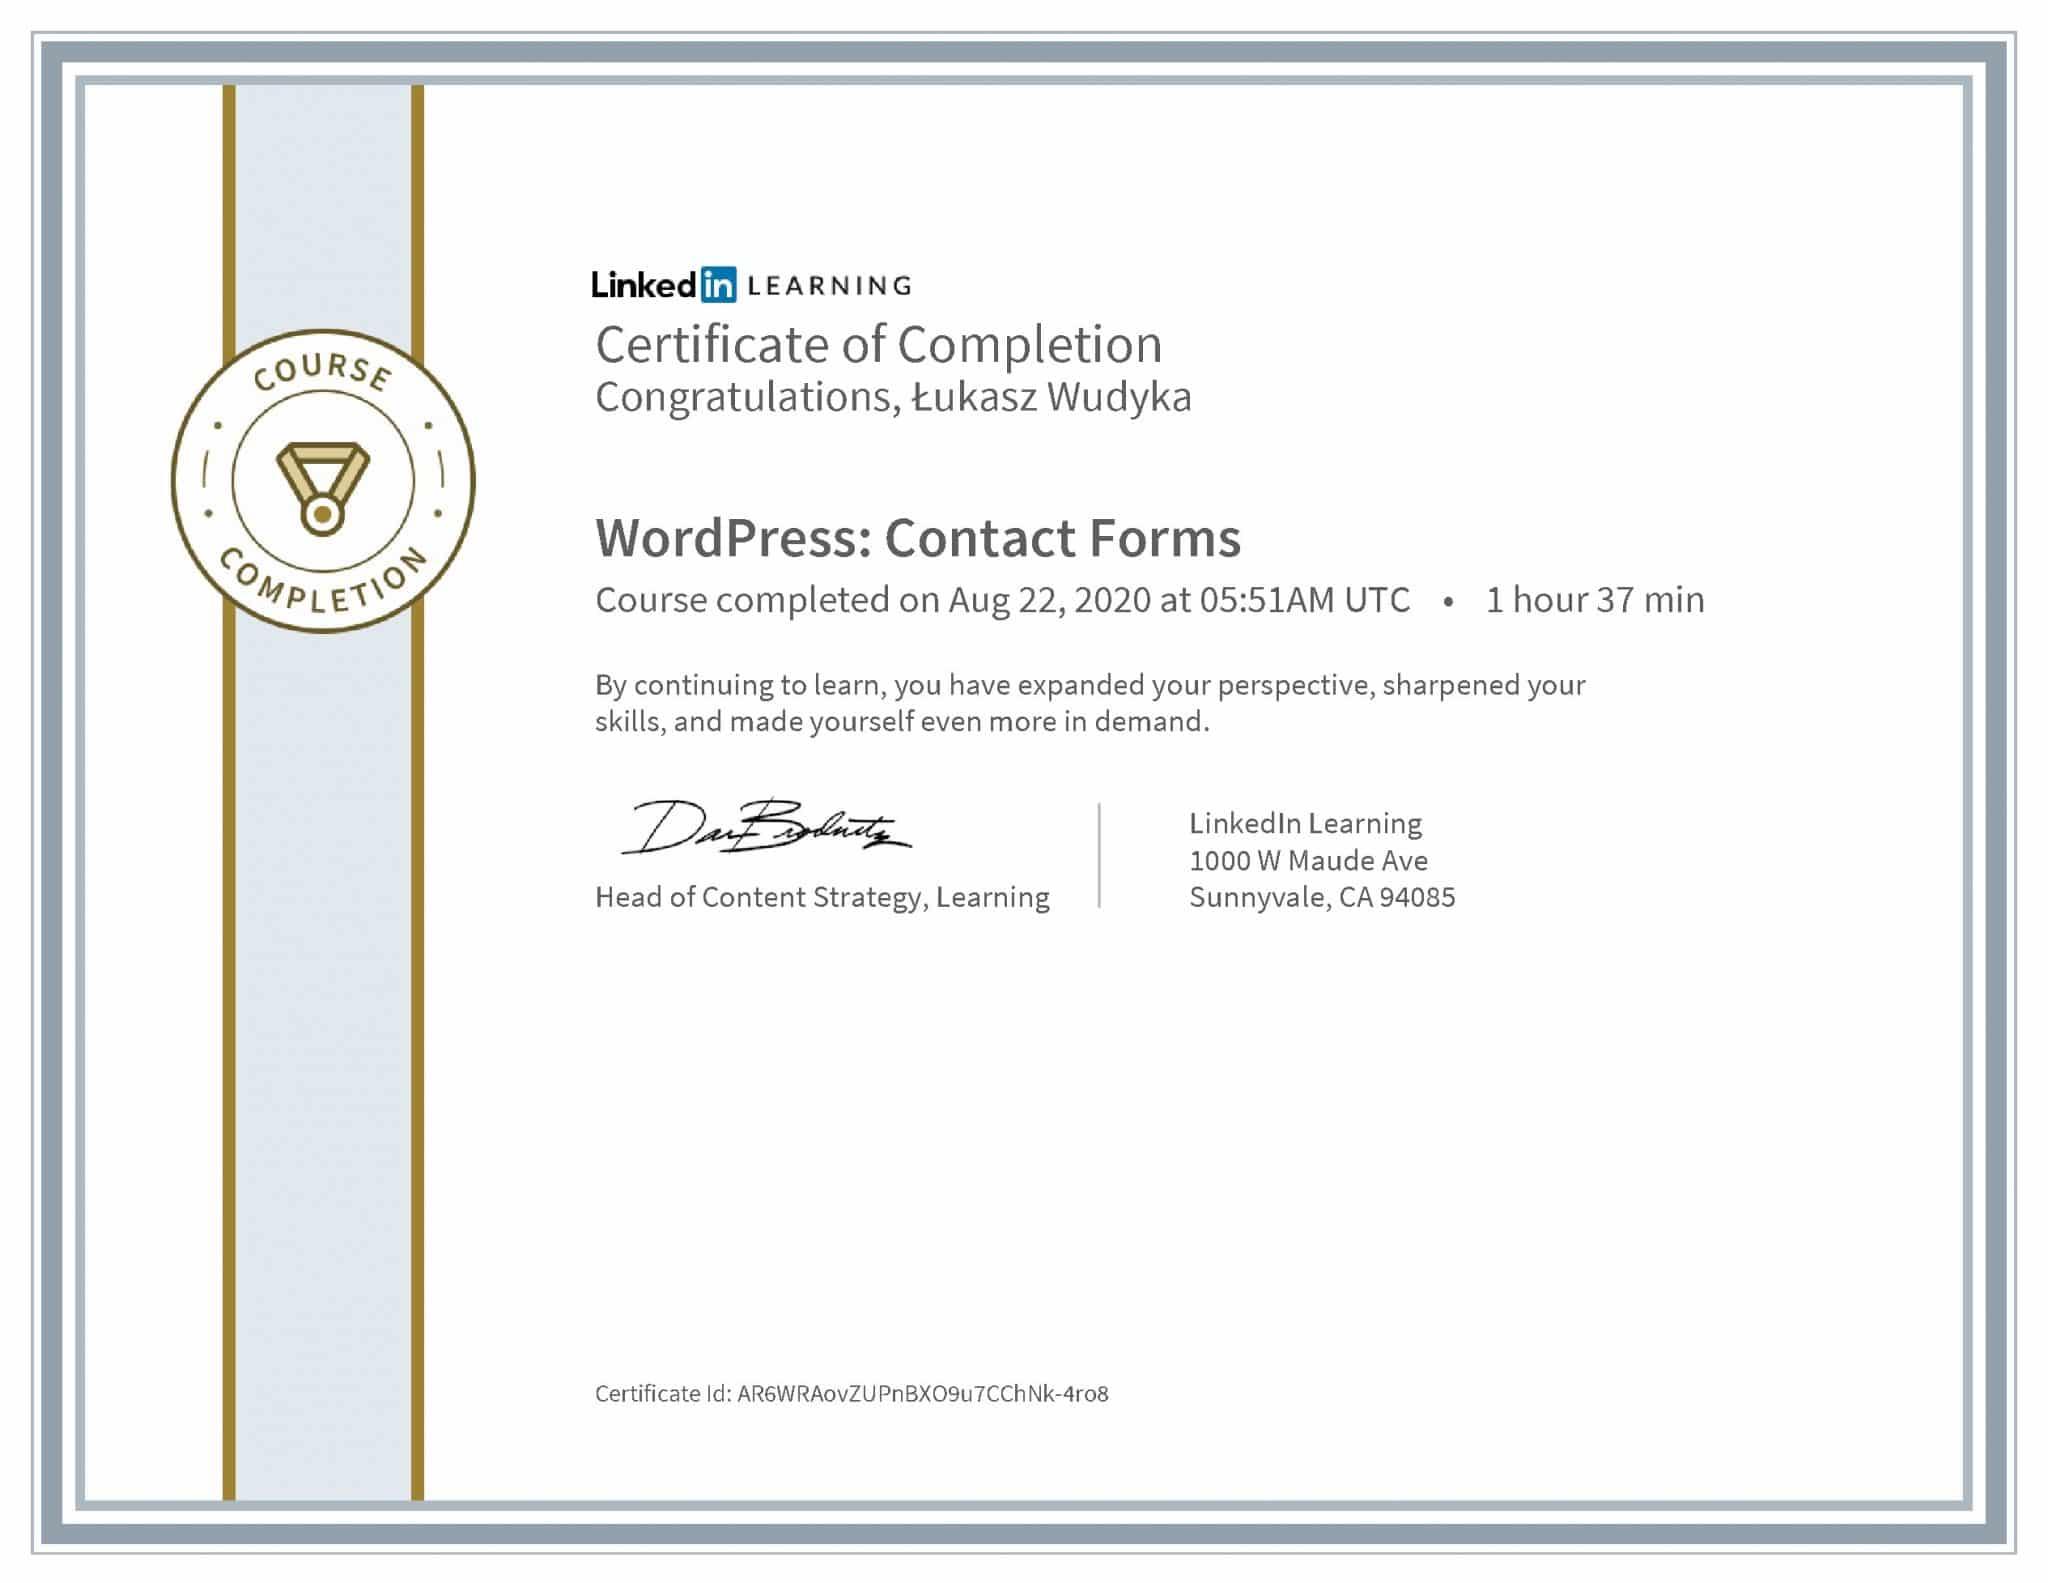 Łukasz Wudyka certyfikat LinkedIn WordPress: Contact Forms